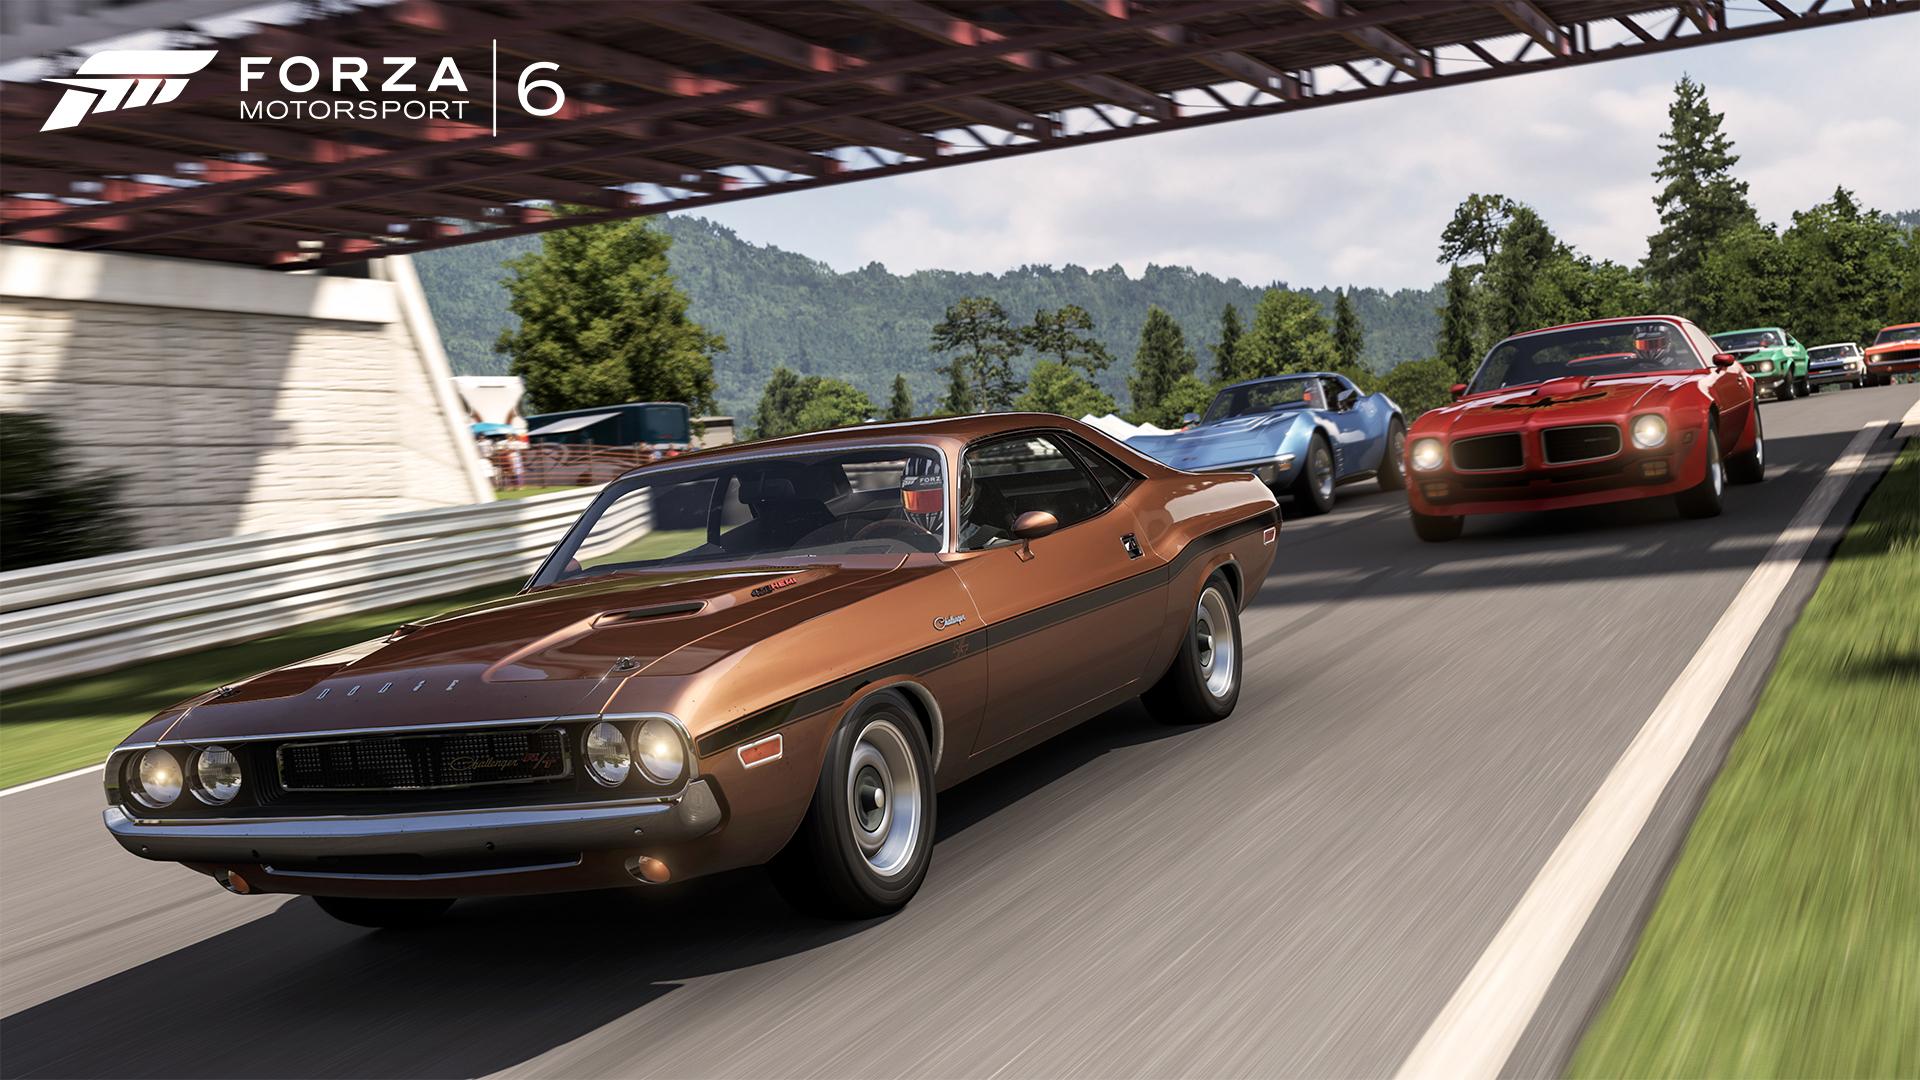 Forza Motorsport 6 Computer Wallpapers Desktop Backgrounds 1920x1080